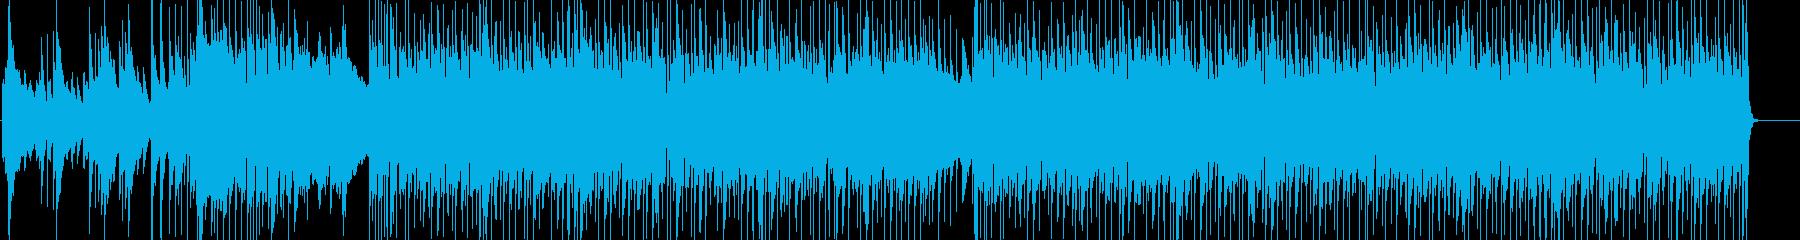 始まりを感じさせる疾走感ロックインストの再生済みの波形